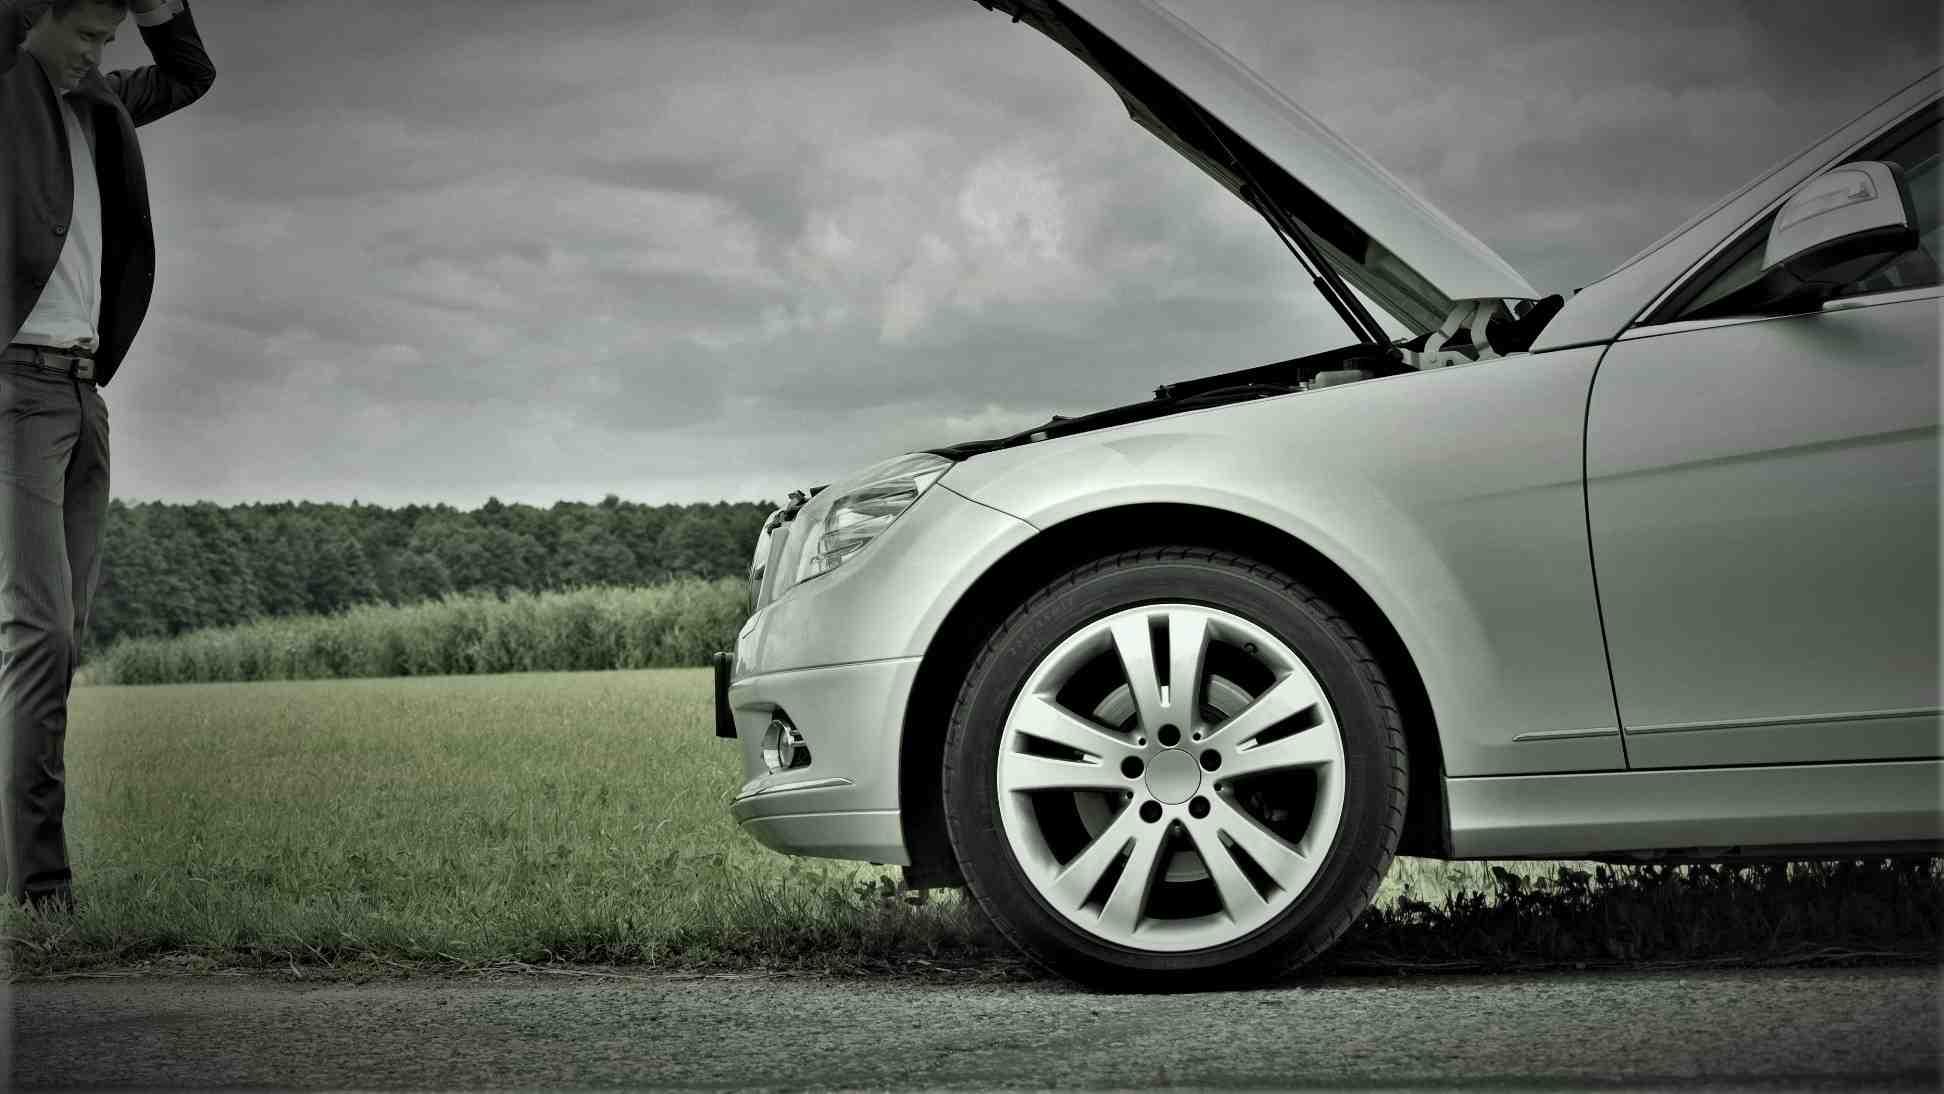 Comment calculez-vous le prix de vente d'une voiture d'occasion?